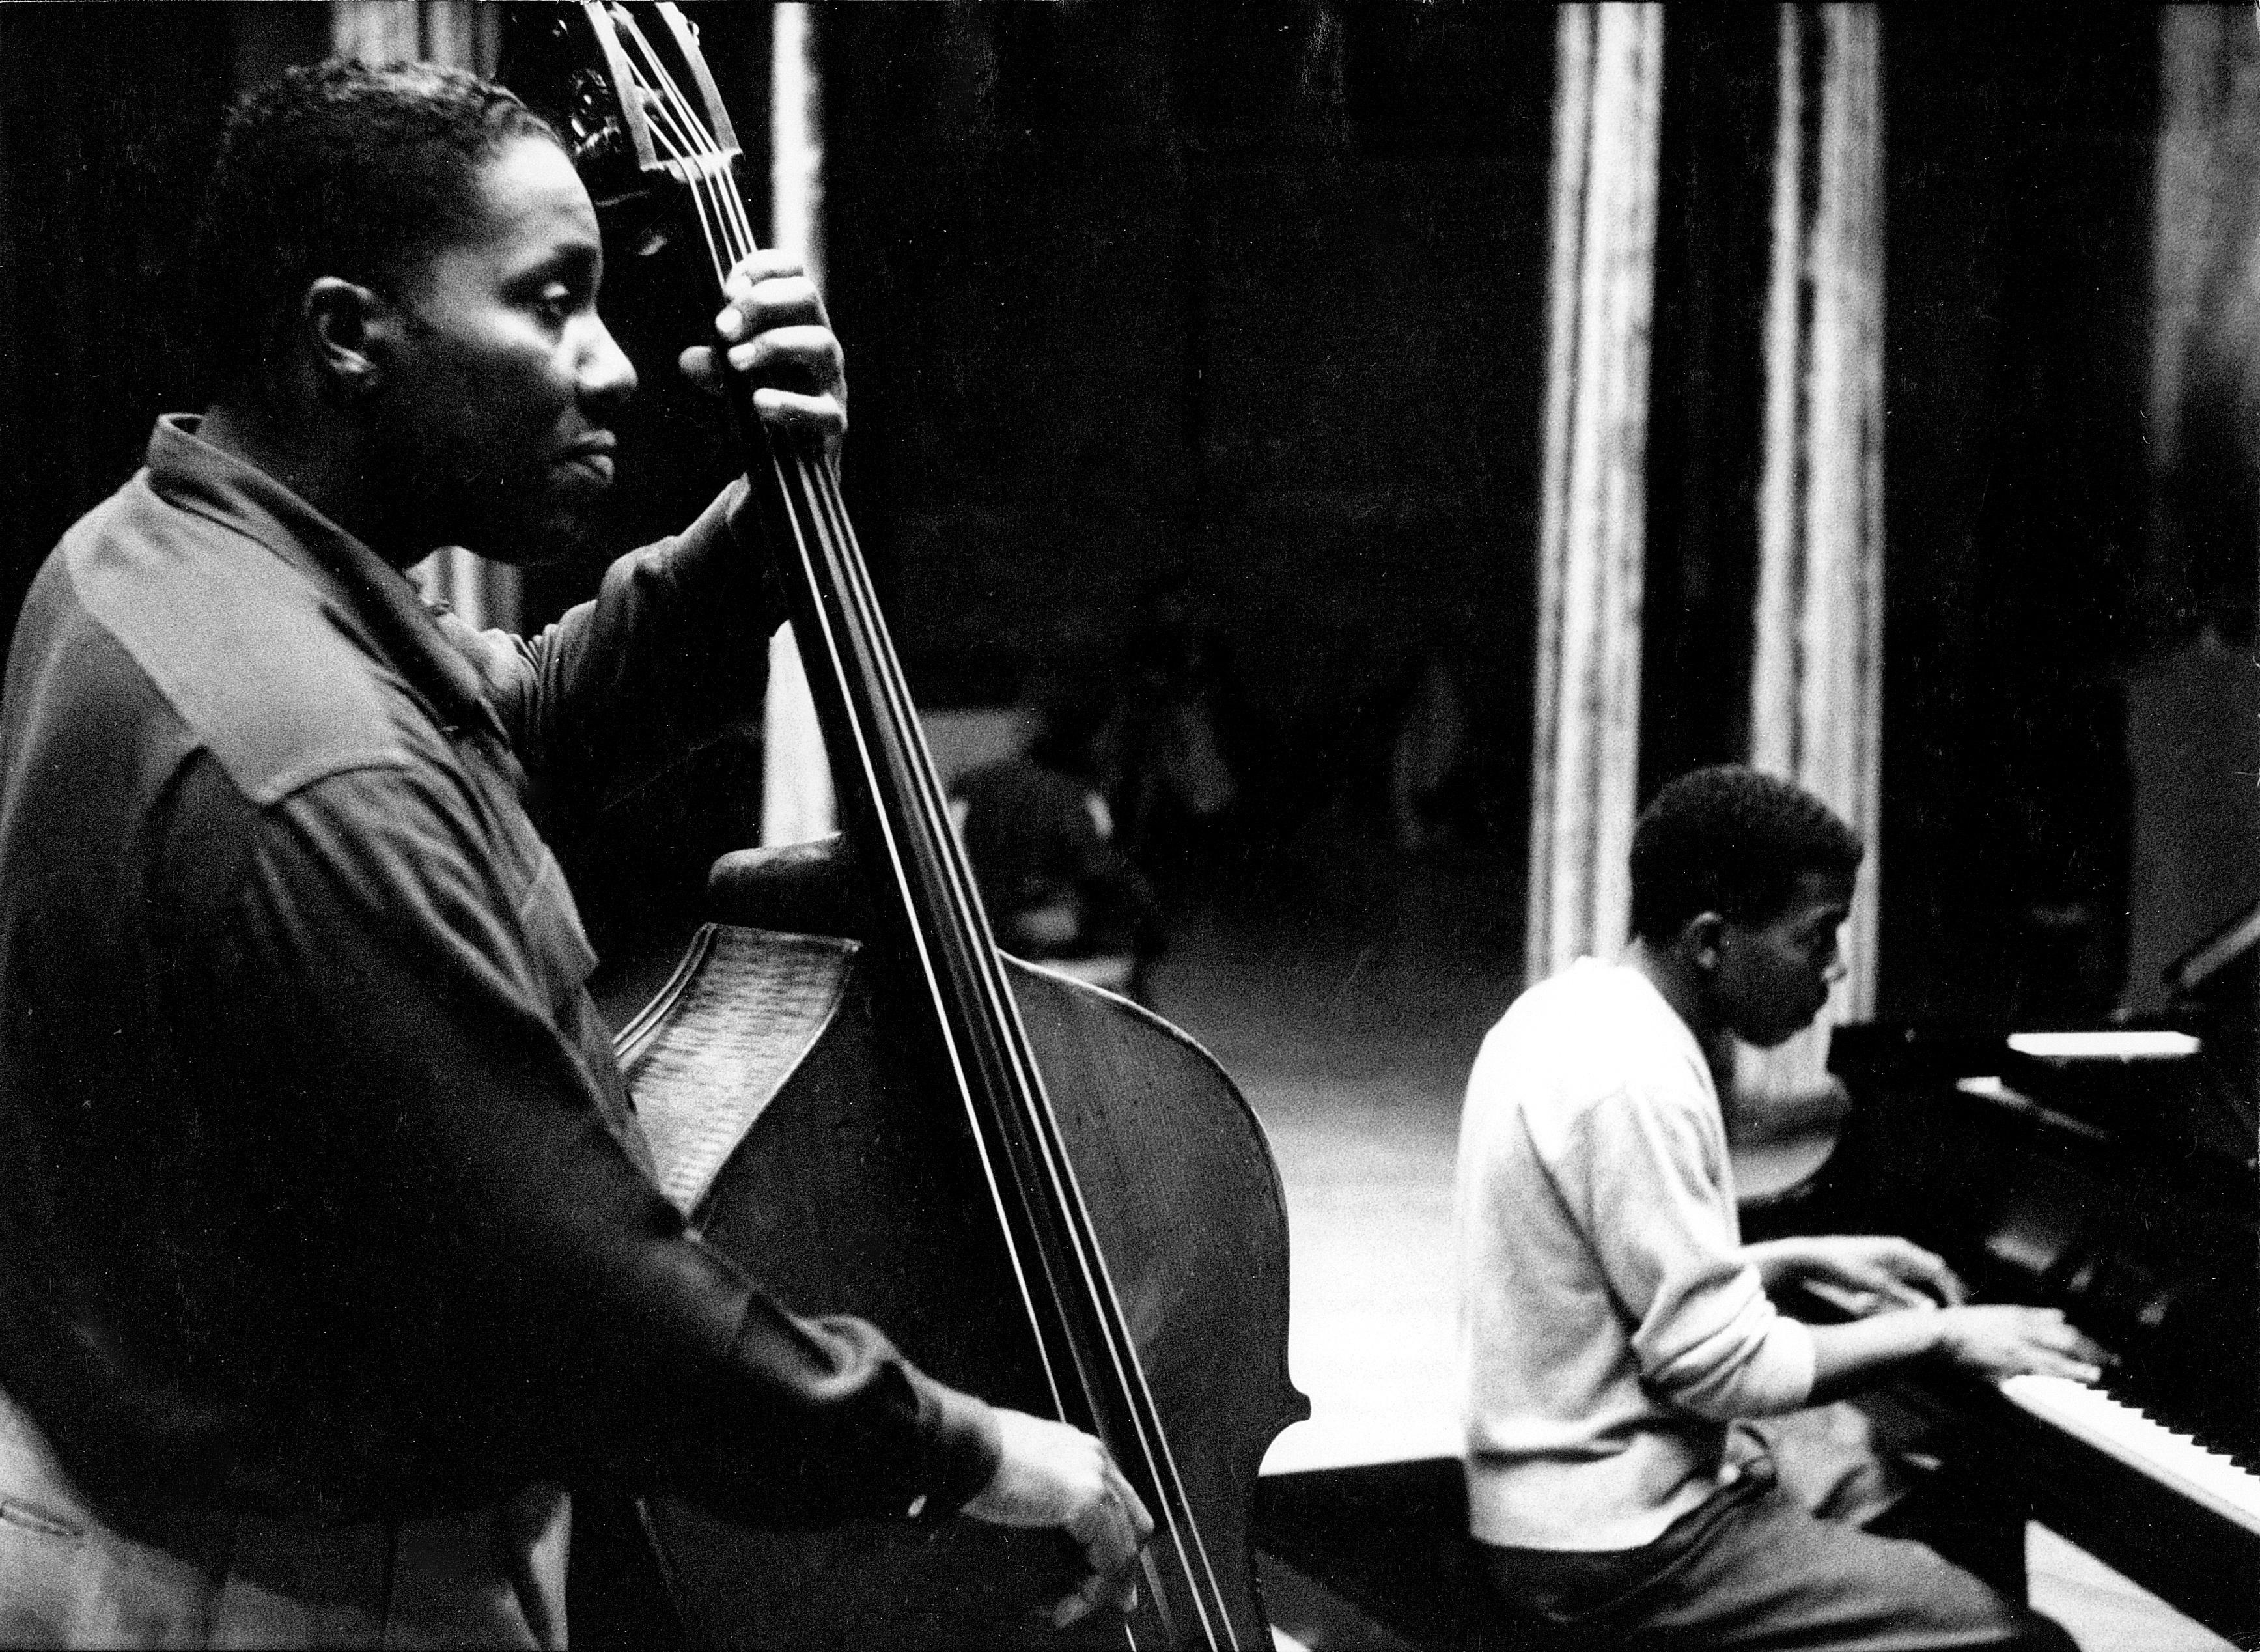 Eugene-Wright-1960-Michael-Ochs-with-Sonny-Terry.jpg